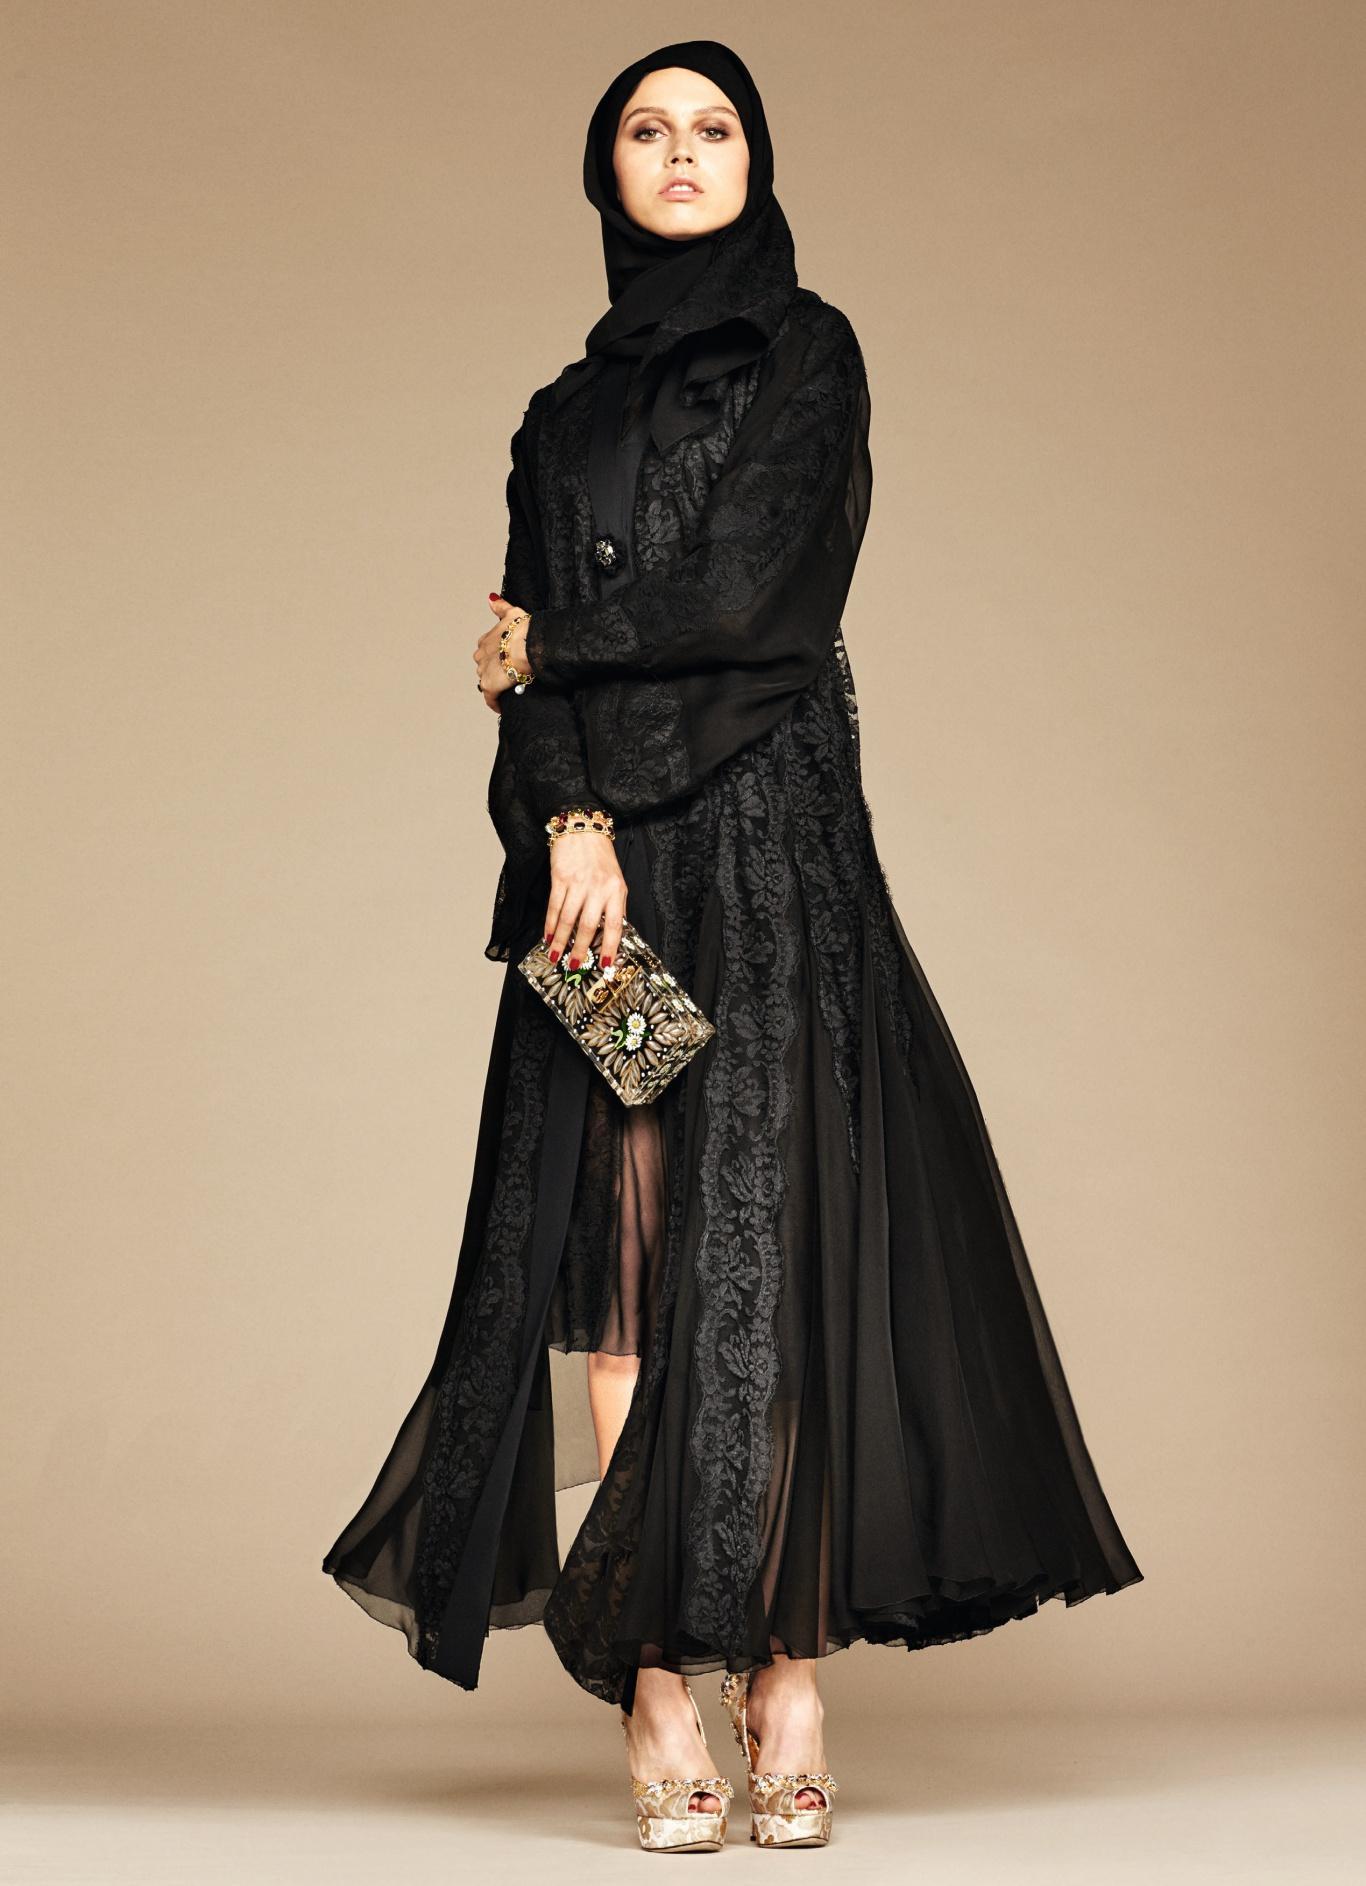 d504fd8bcc089 Dolce   Gabbana a dévoilé des images de sa nouvelle collection d abayas  (vêtement ample porté par dessus les autres) et de hijabs (voile cachant  seulement ...